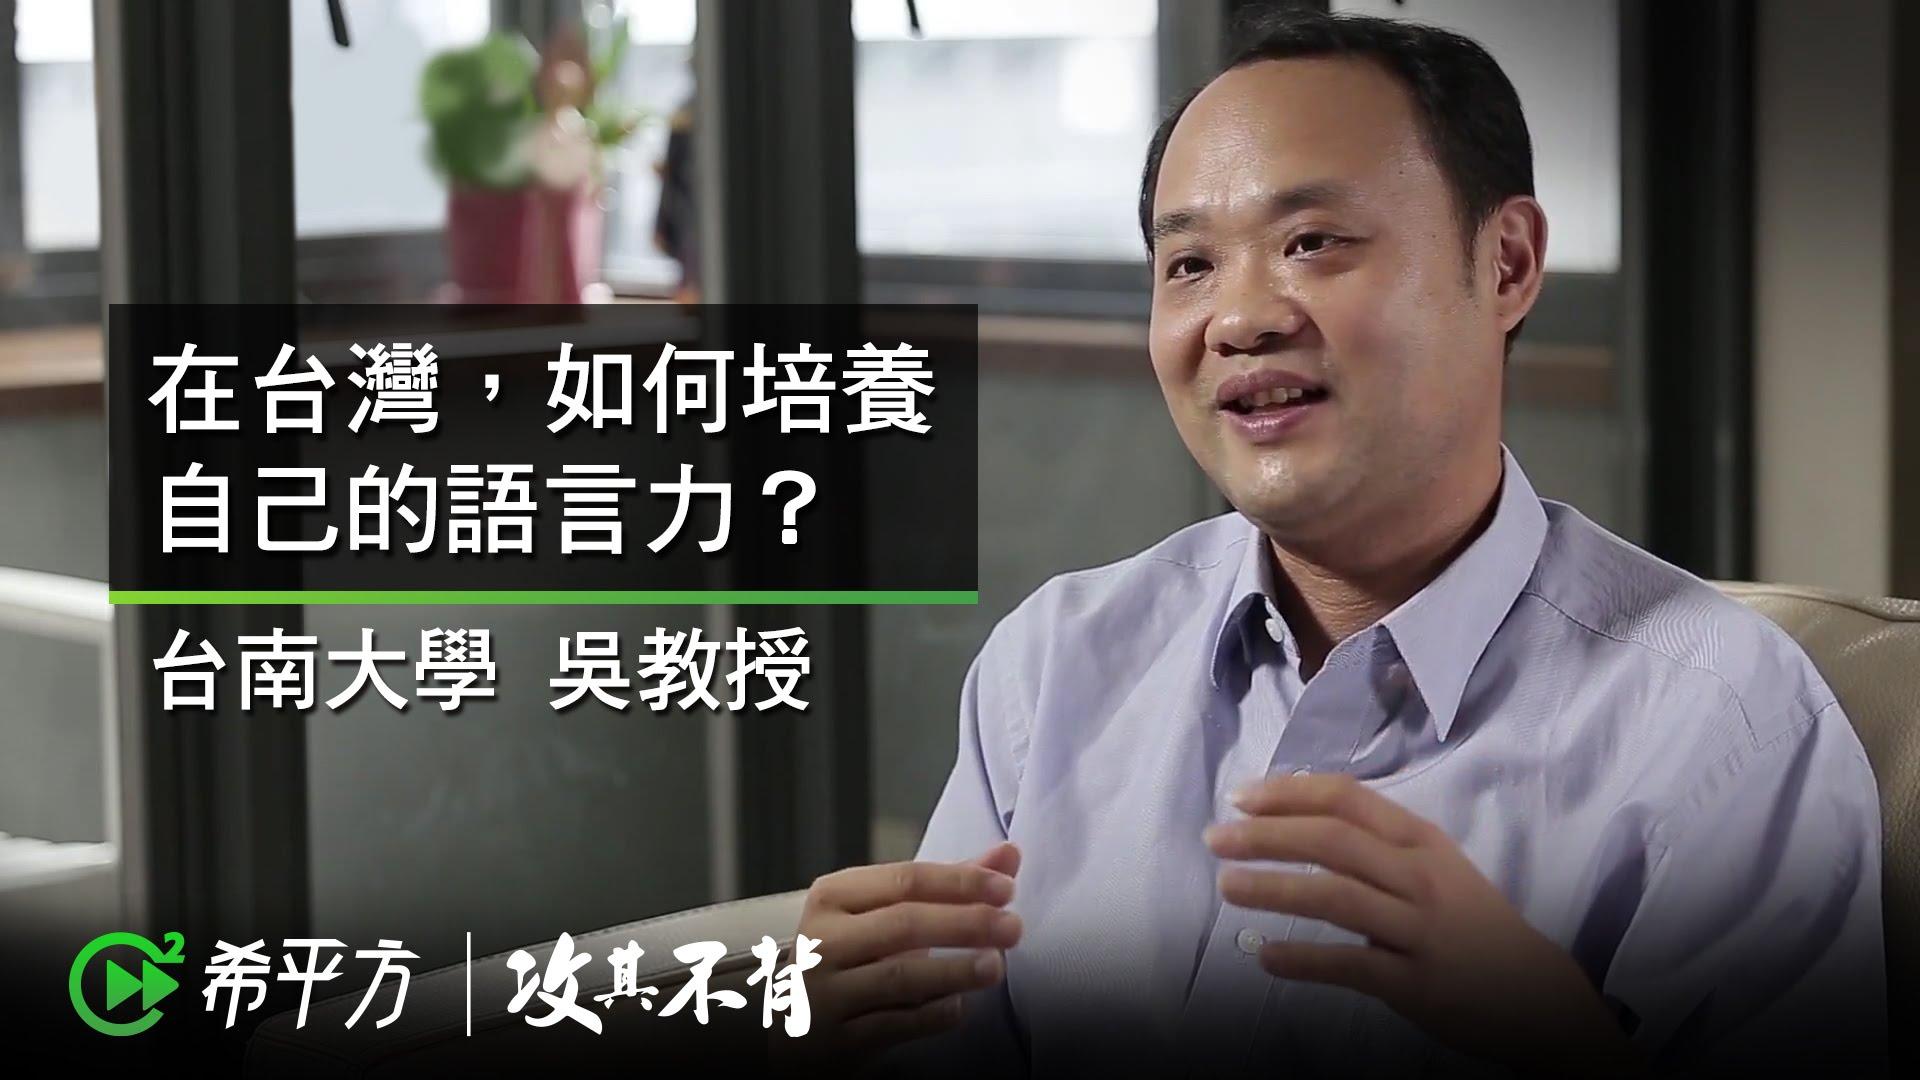 吳教授:在台灣,如何培養自己的語言力?